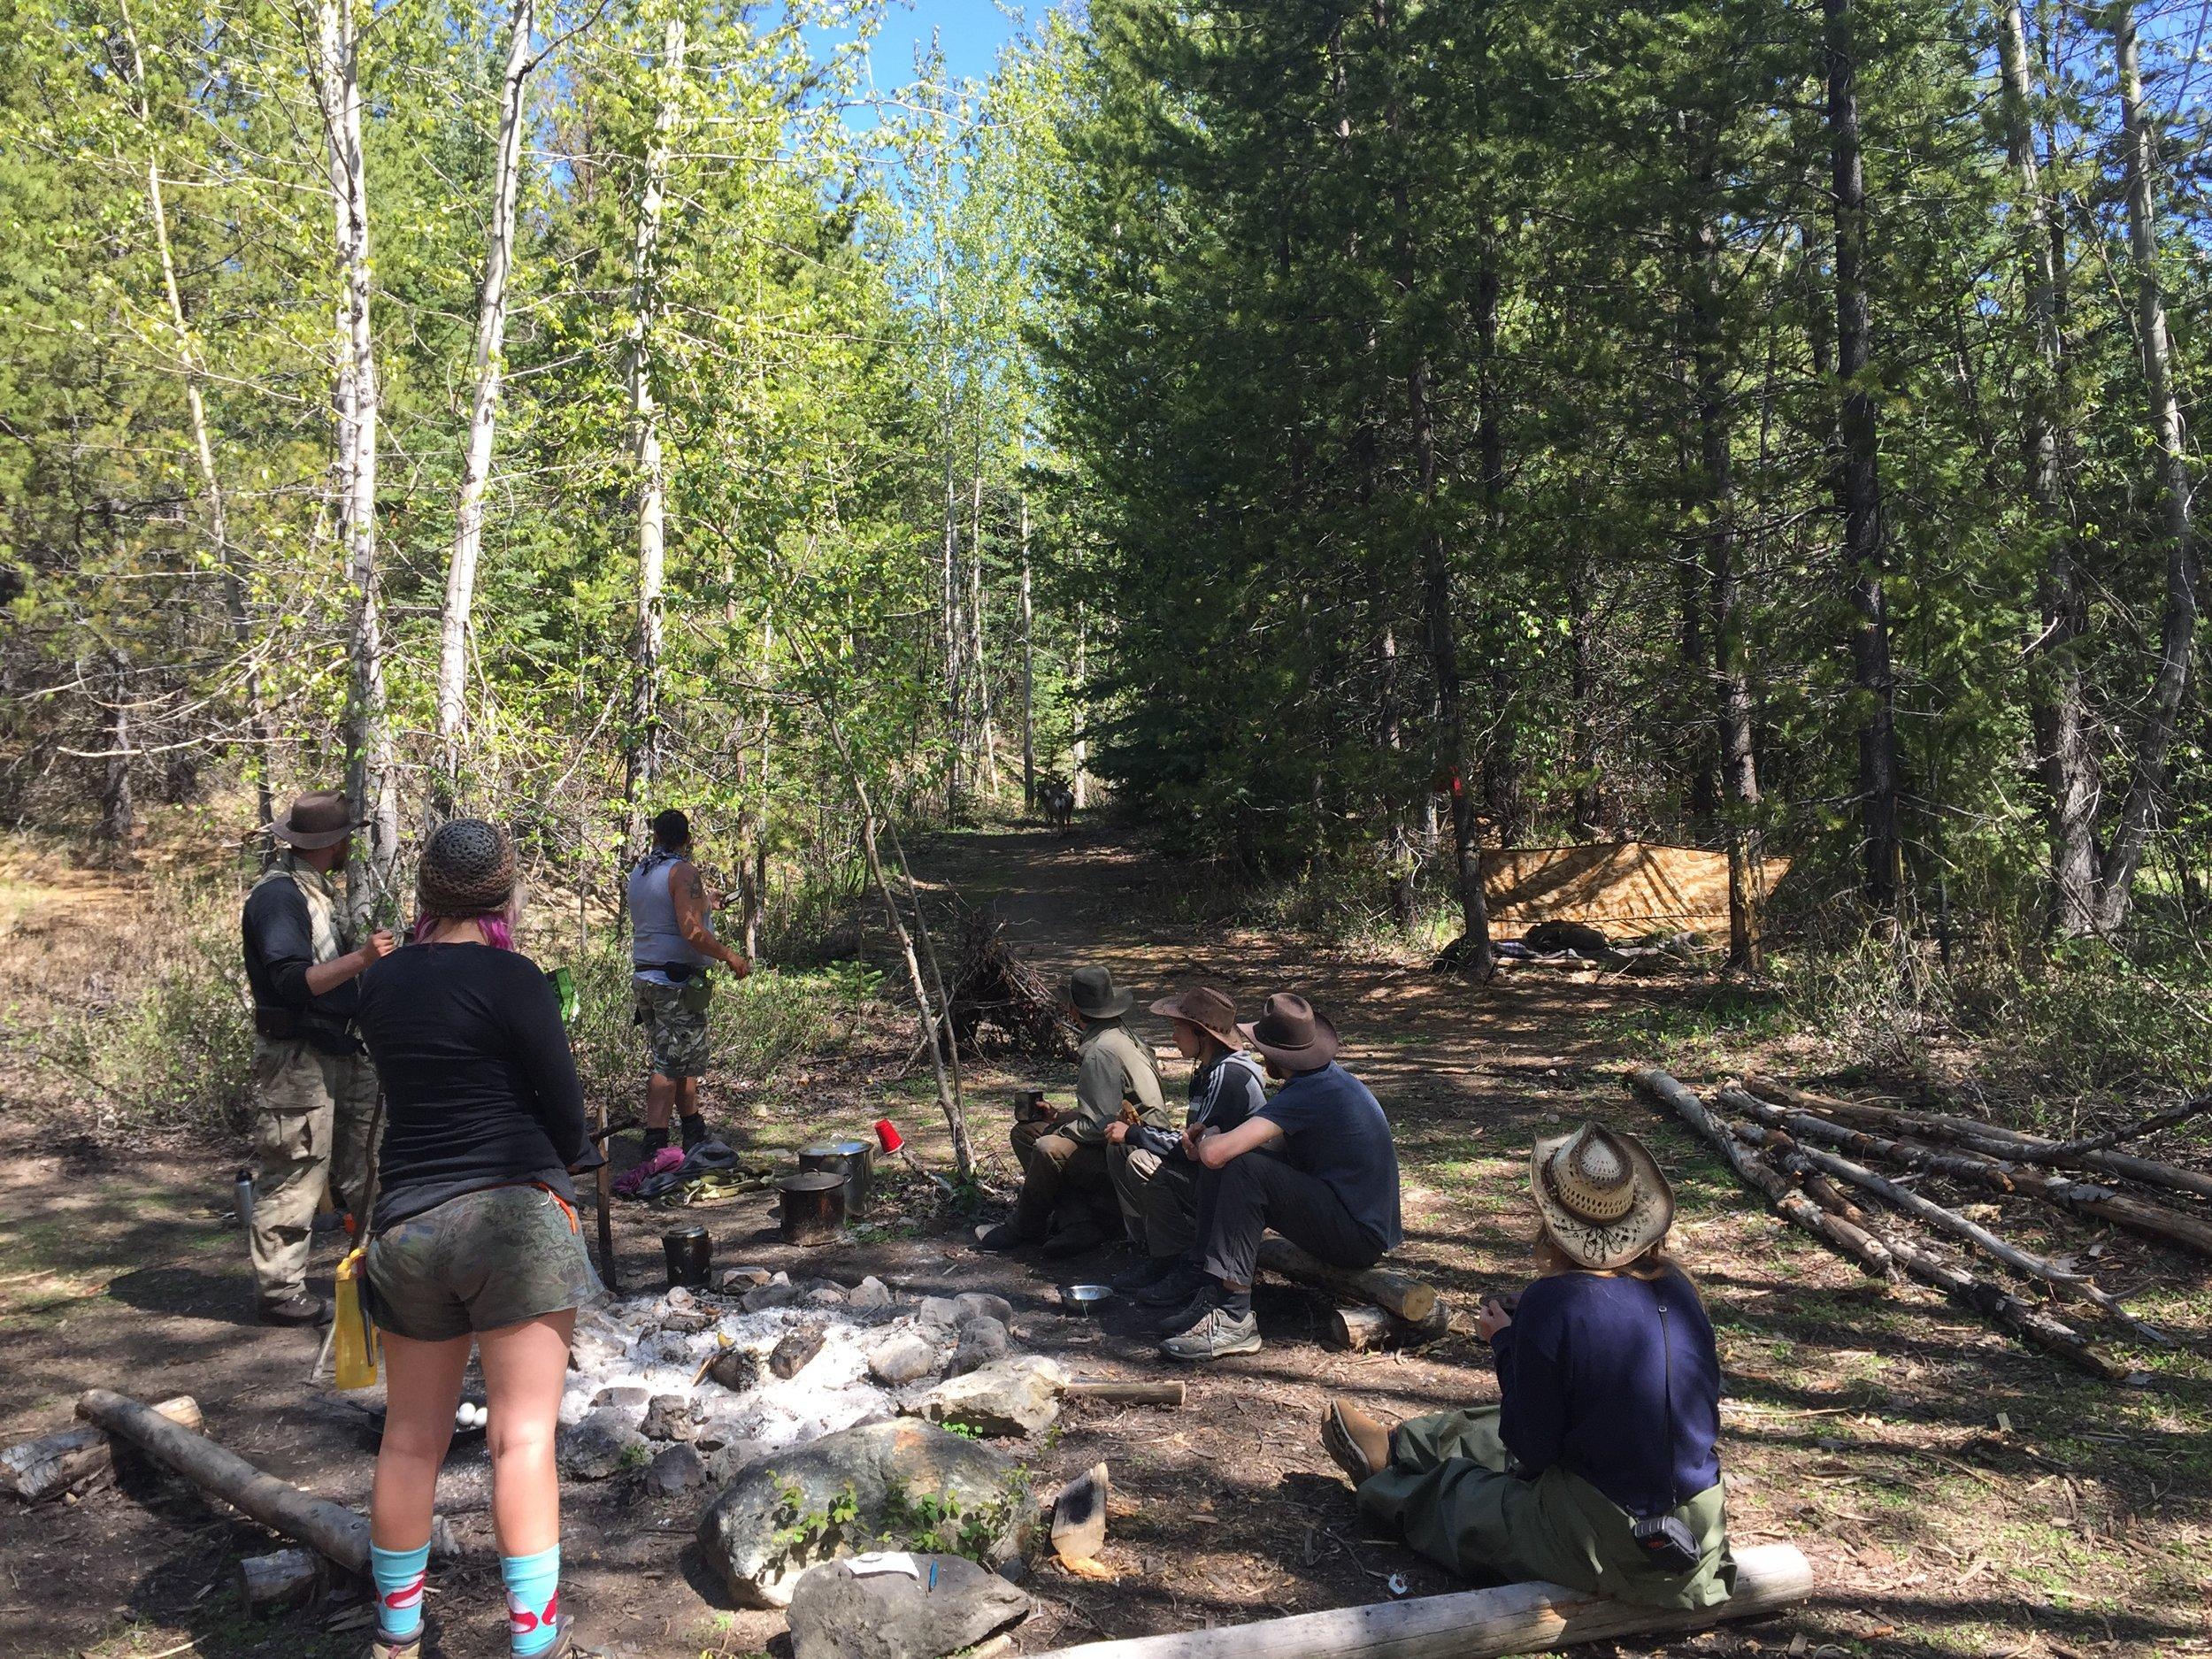 deer-in-camp